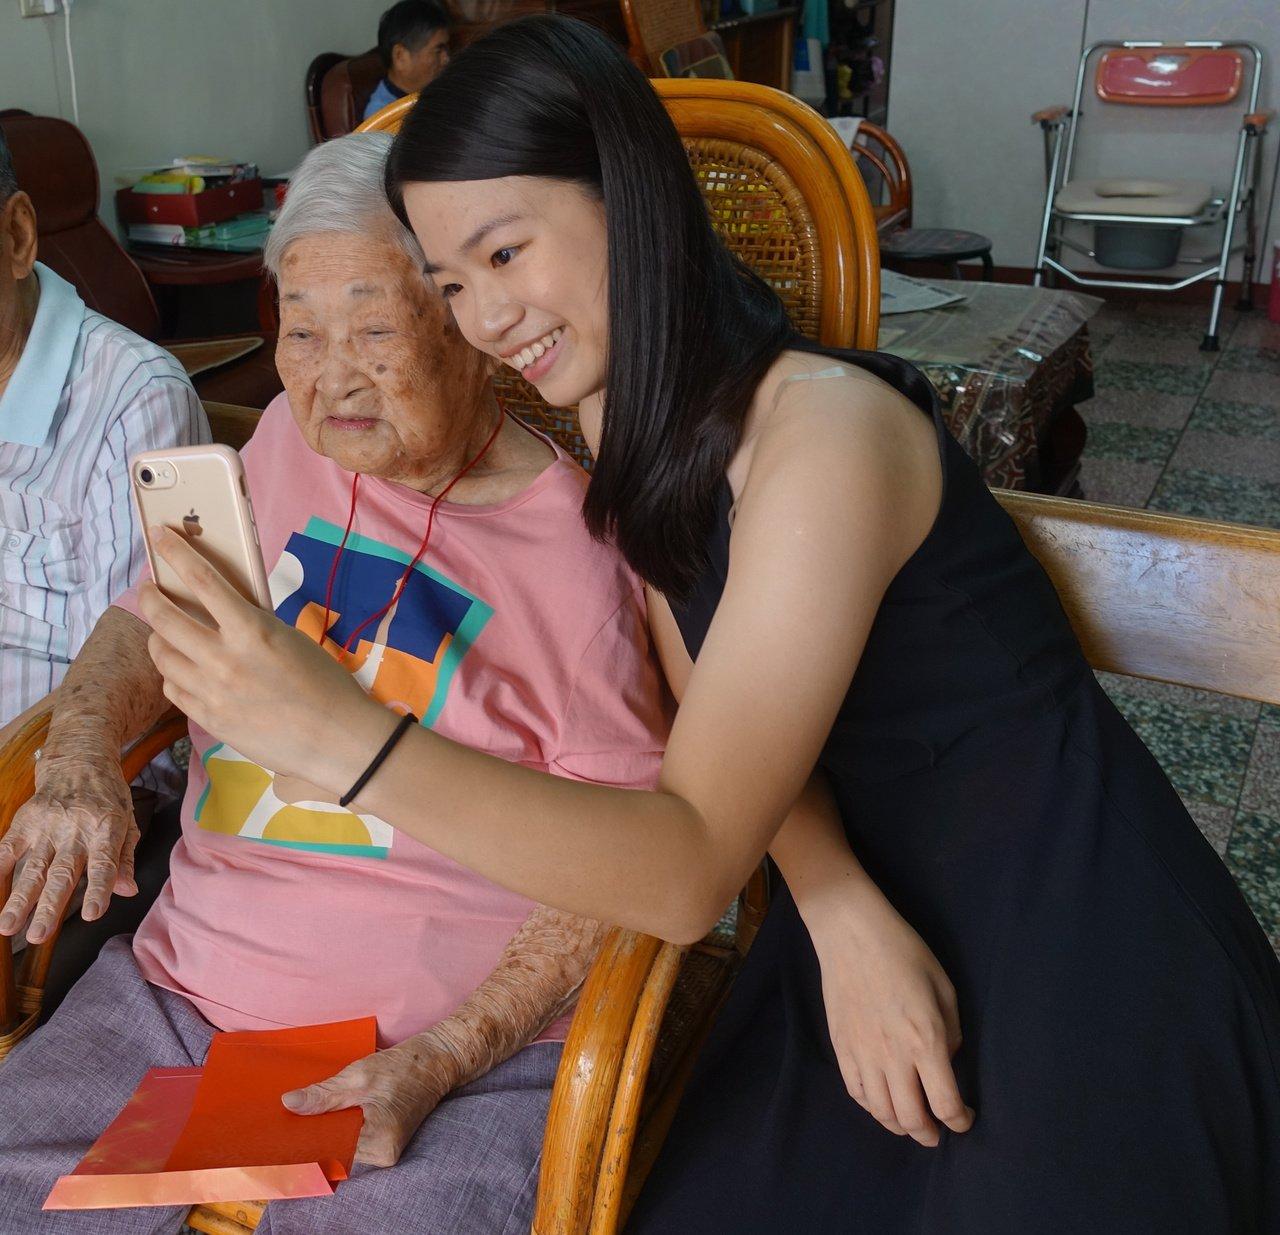 苗縣第二年長107歲陳蕭曲妹(左)四代同堂,曾孫女跟她自拍,感情融洽。記者劉星君...